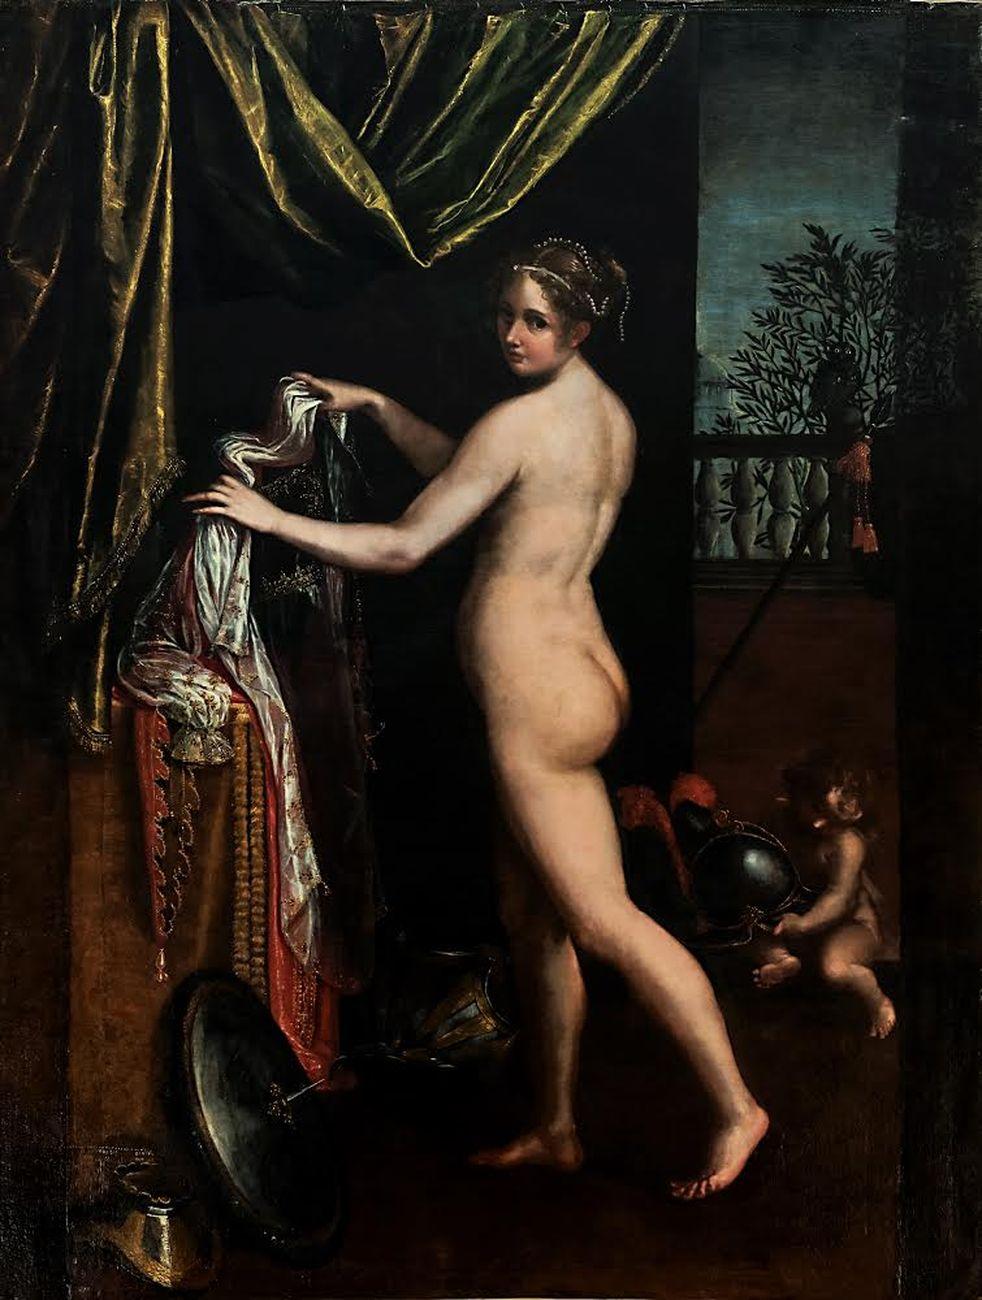 Lavinia Fontana, Minerva in atto di abbigliarsi, 1613, olio su tela, cm 258x190. Roma, Galleria Borghese